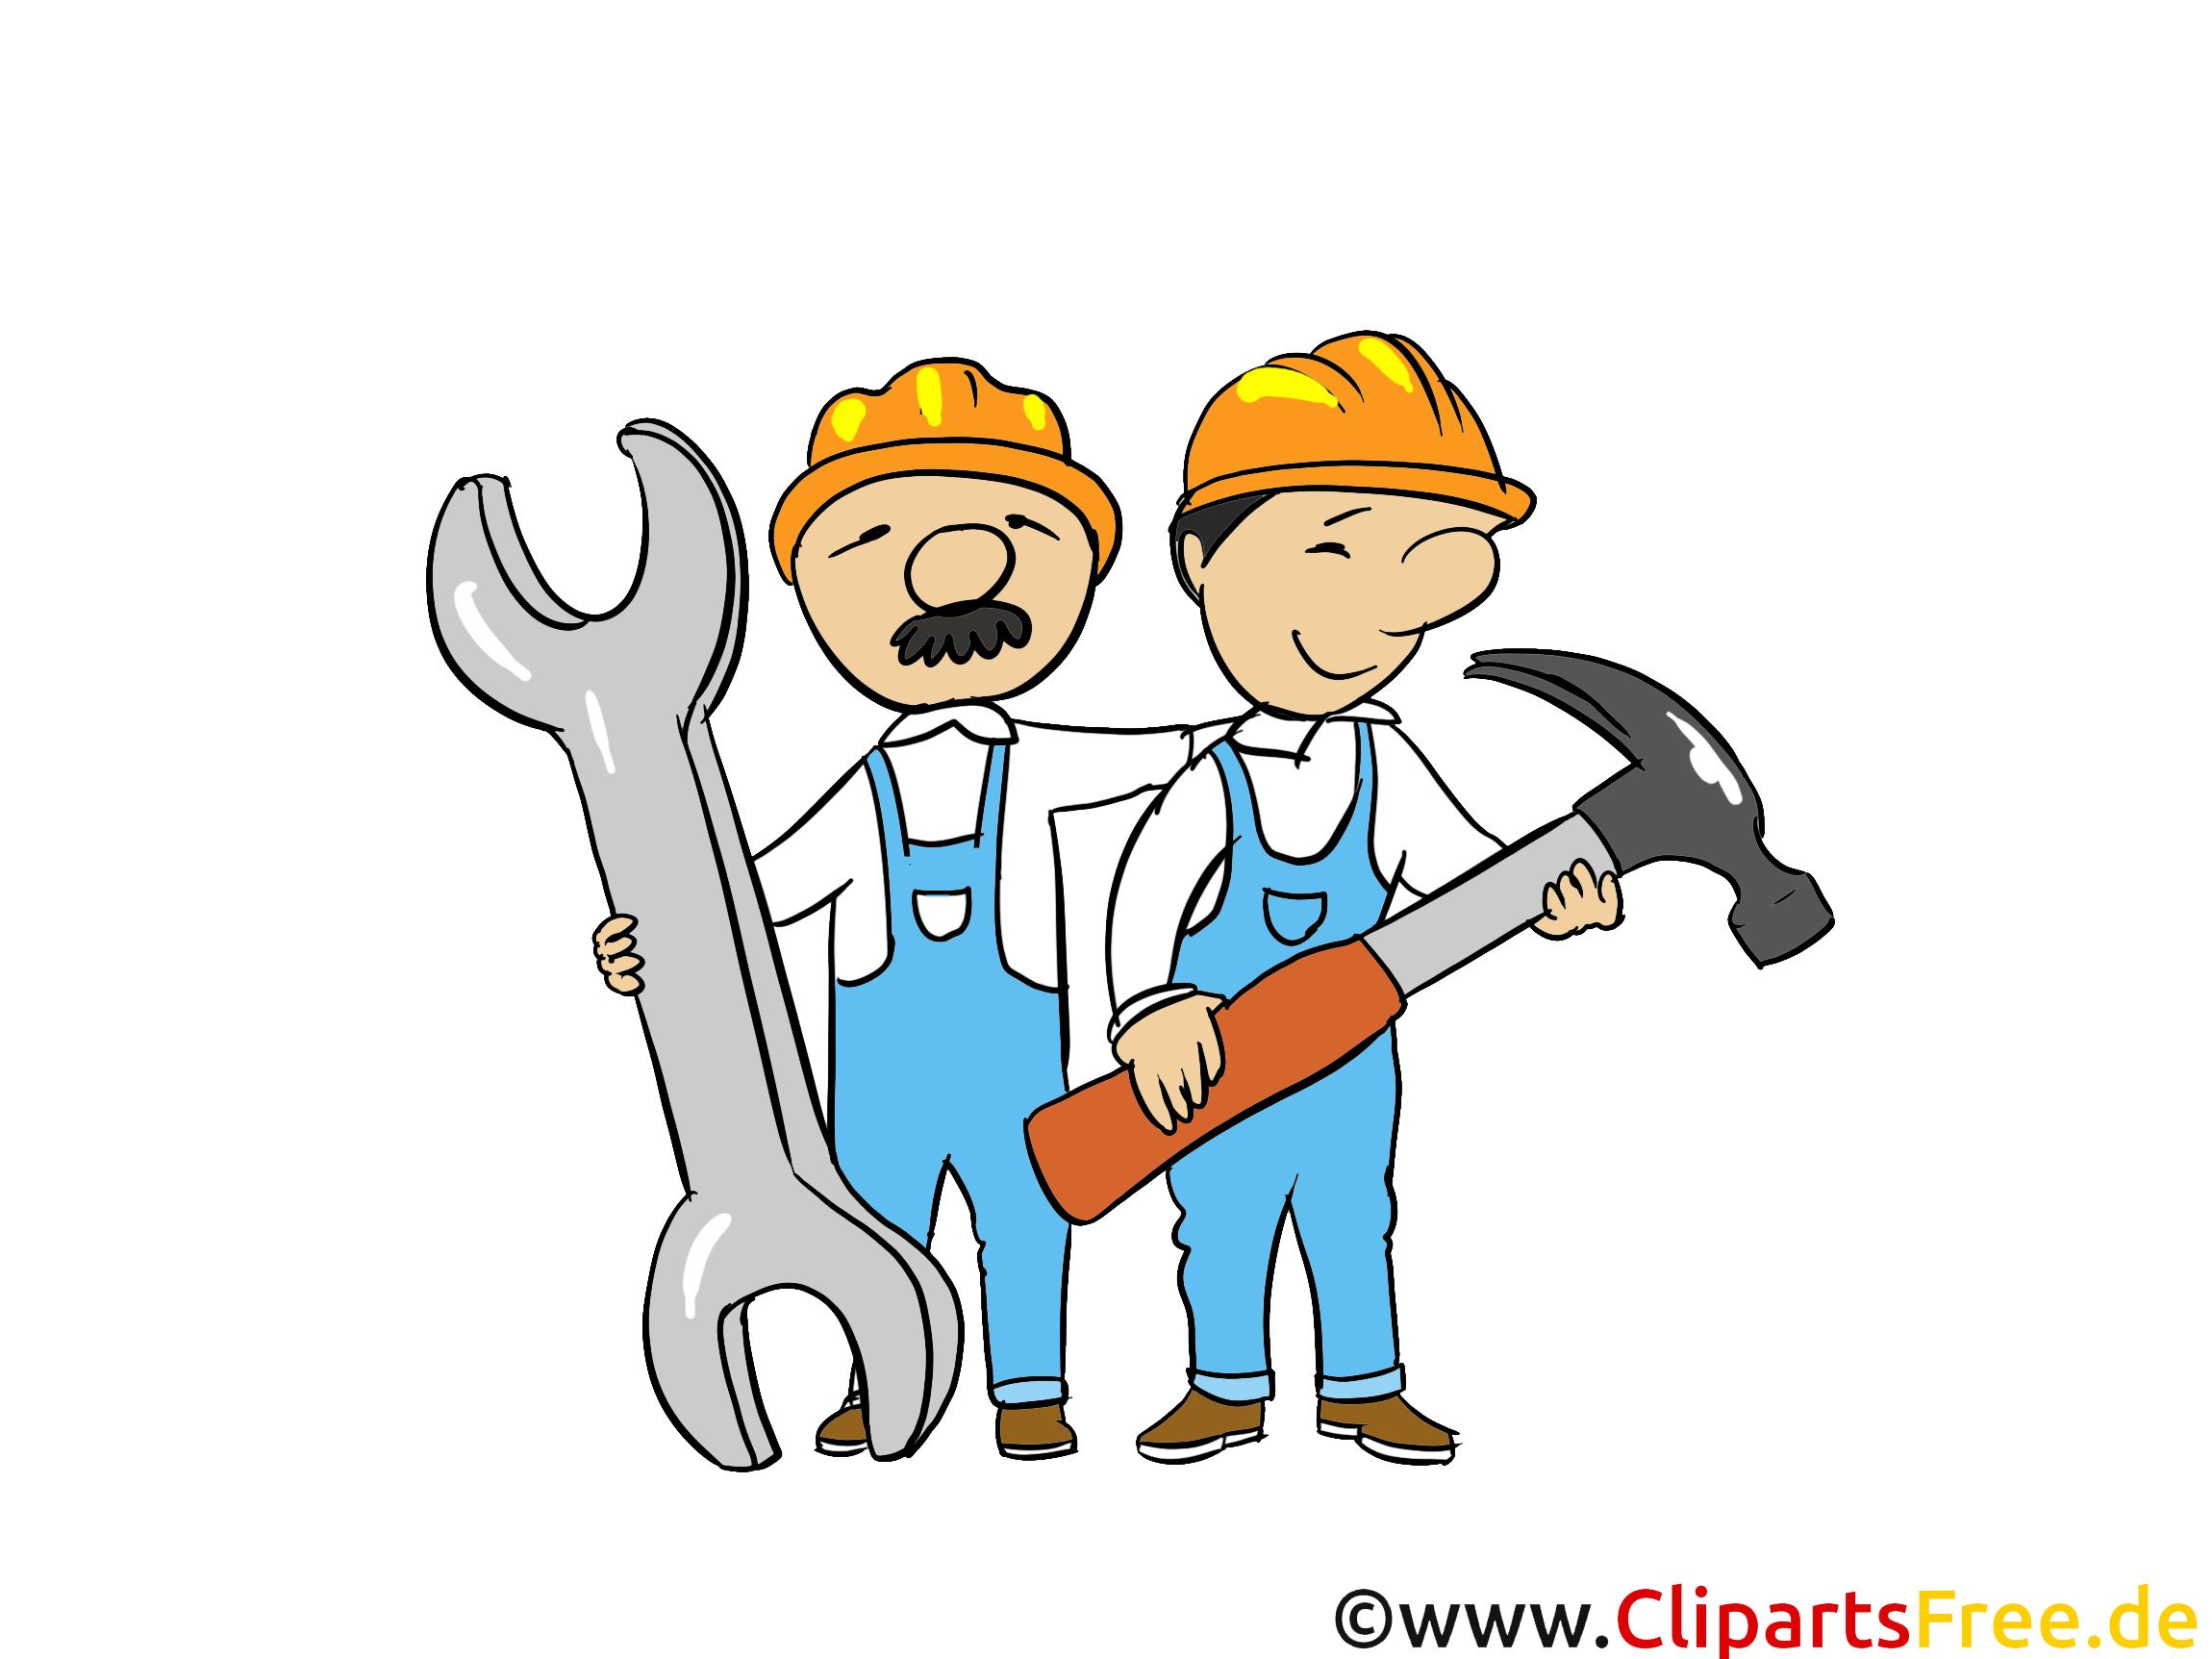 Handwerker clipart kostenlos  Handwerker - Industrie Bilder, Wirtschaft Illustrationen, Business ...